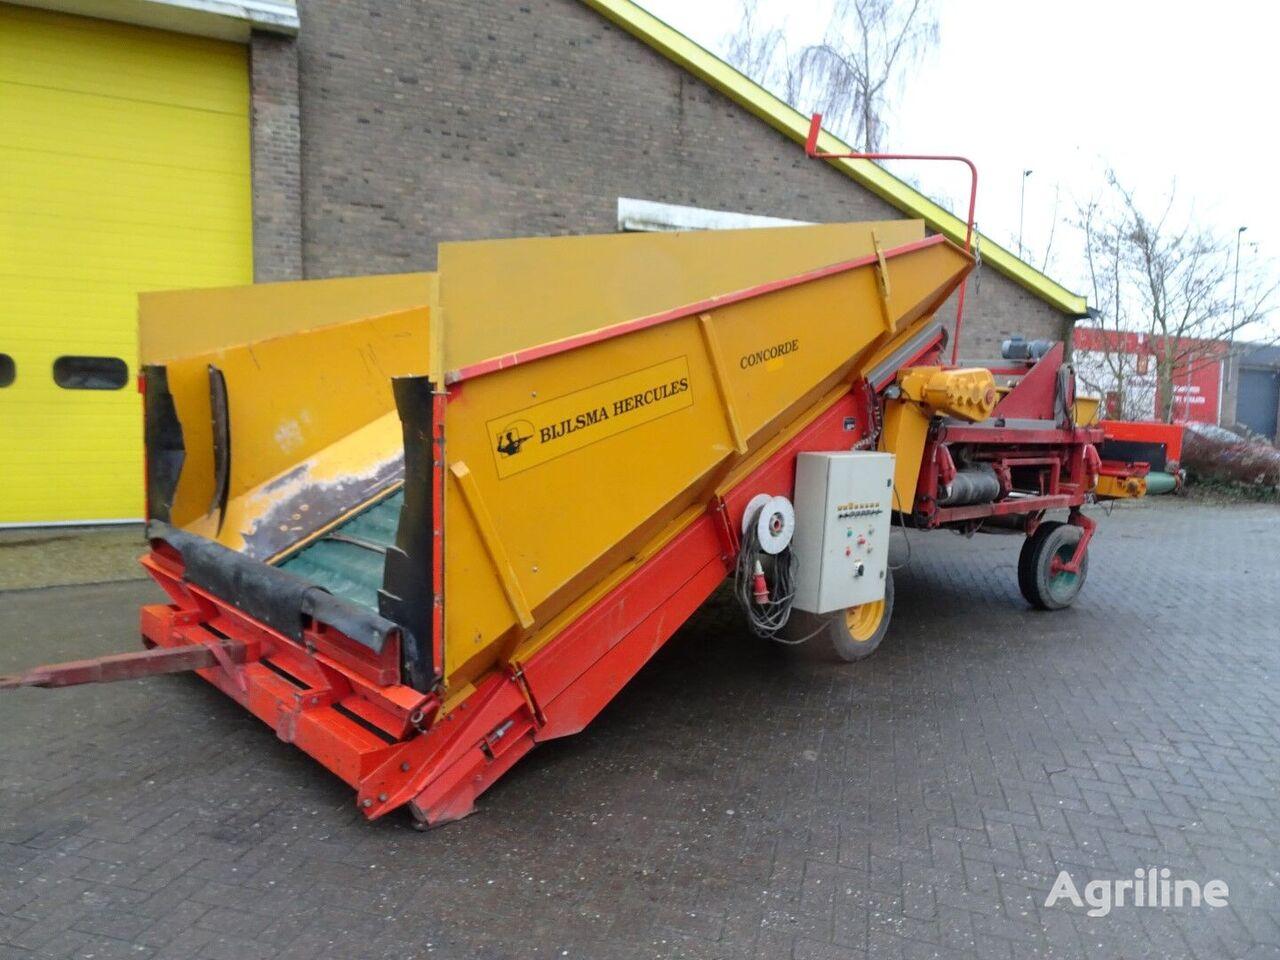 BIJLSMA HERCULES CONCORDE 240 agricultural conveyor